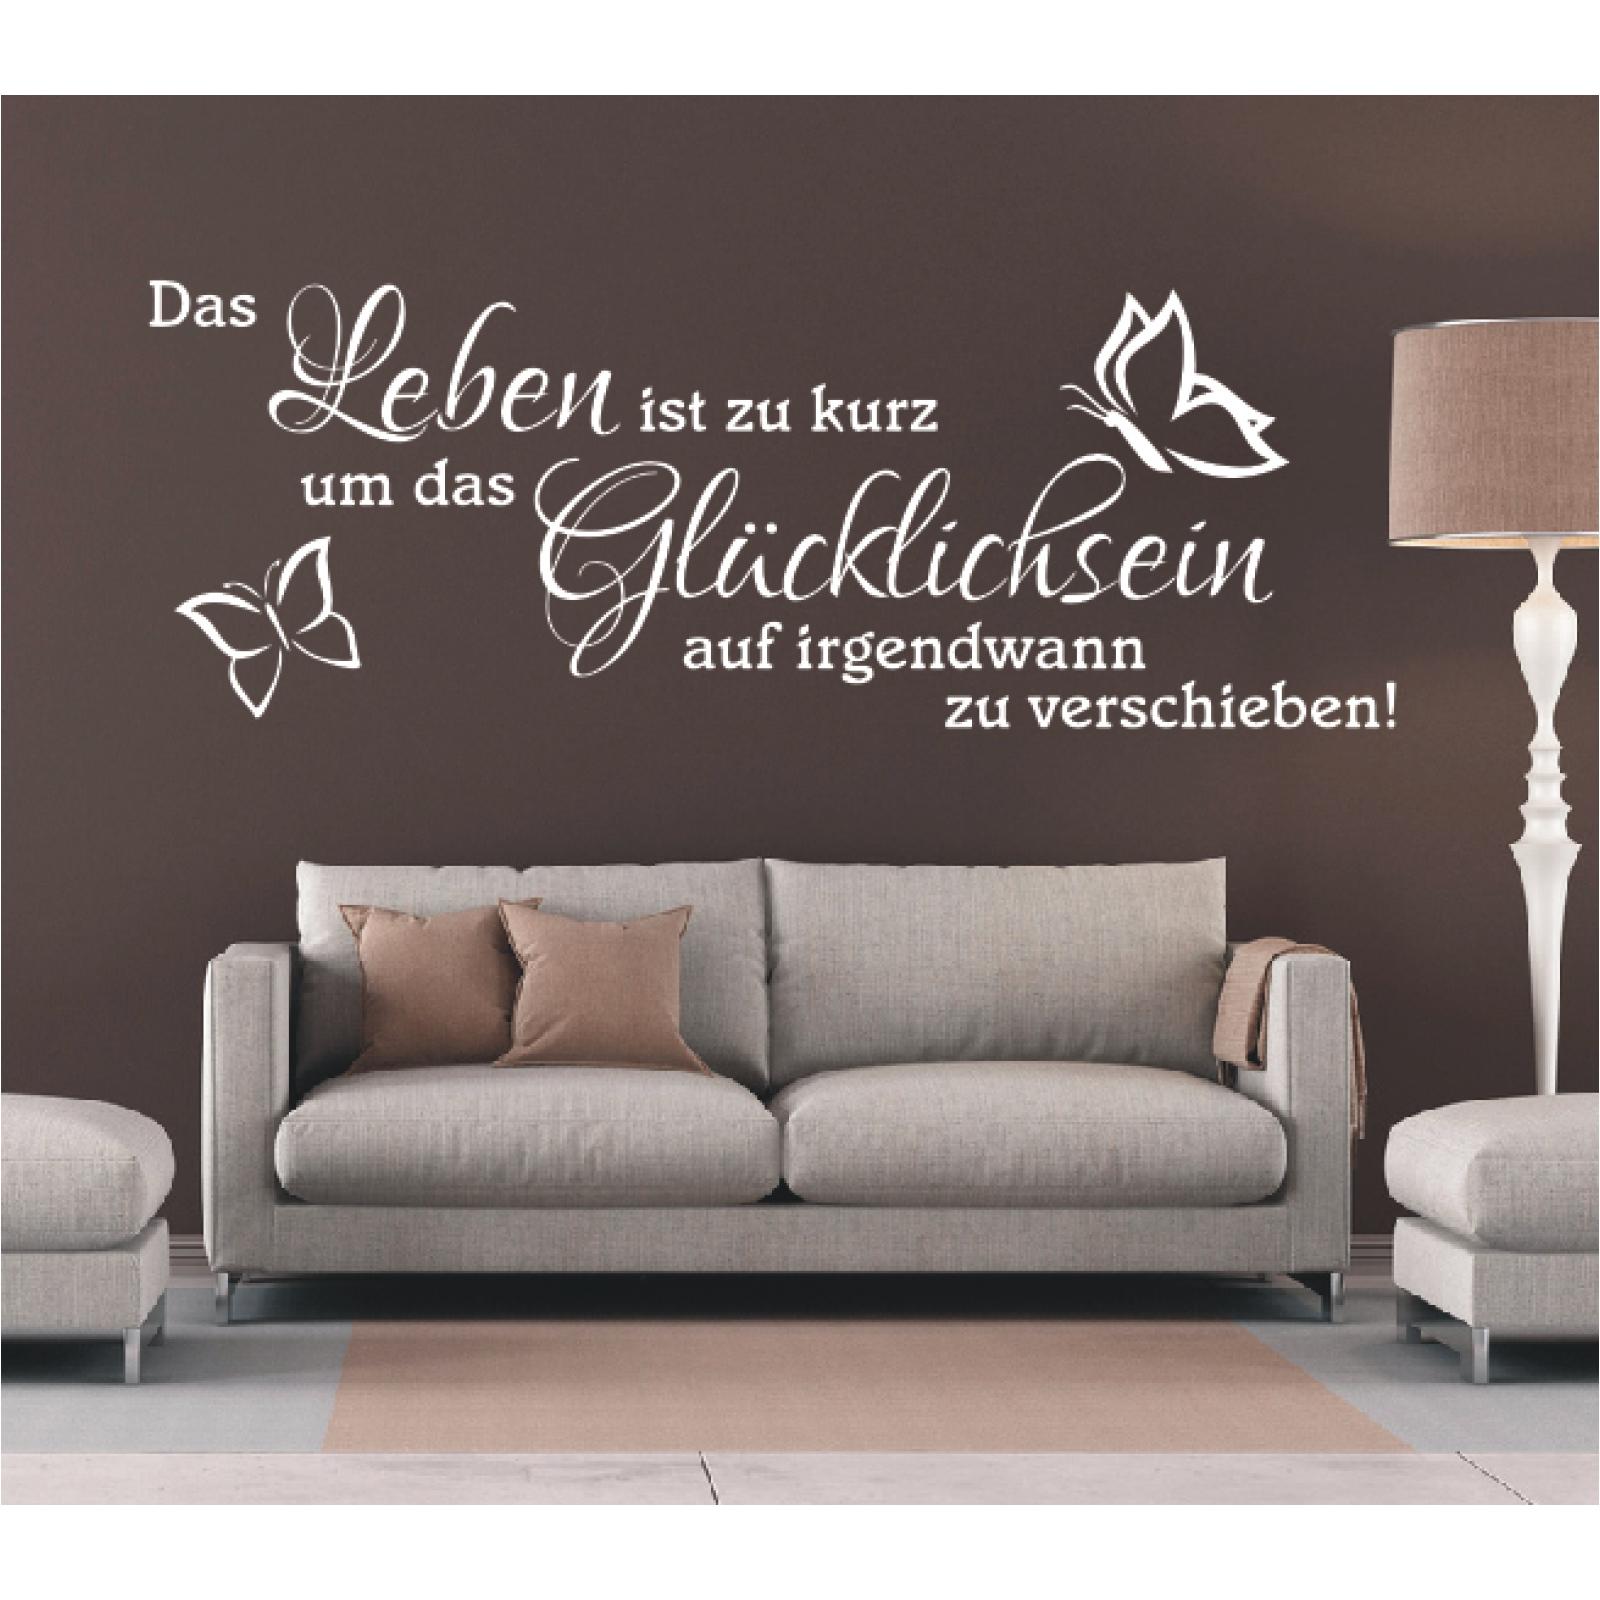 Wandtattoo-Spruch-Das-Leben-ist-zu-kurz-um-Gluecklichsein-Wandsticker-Aufkleber